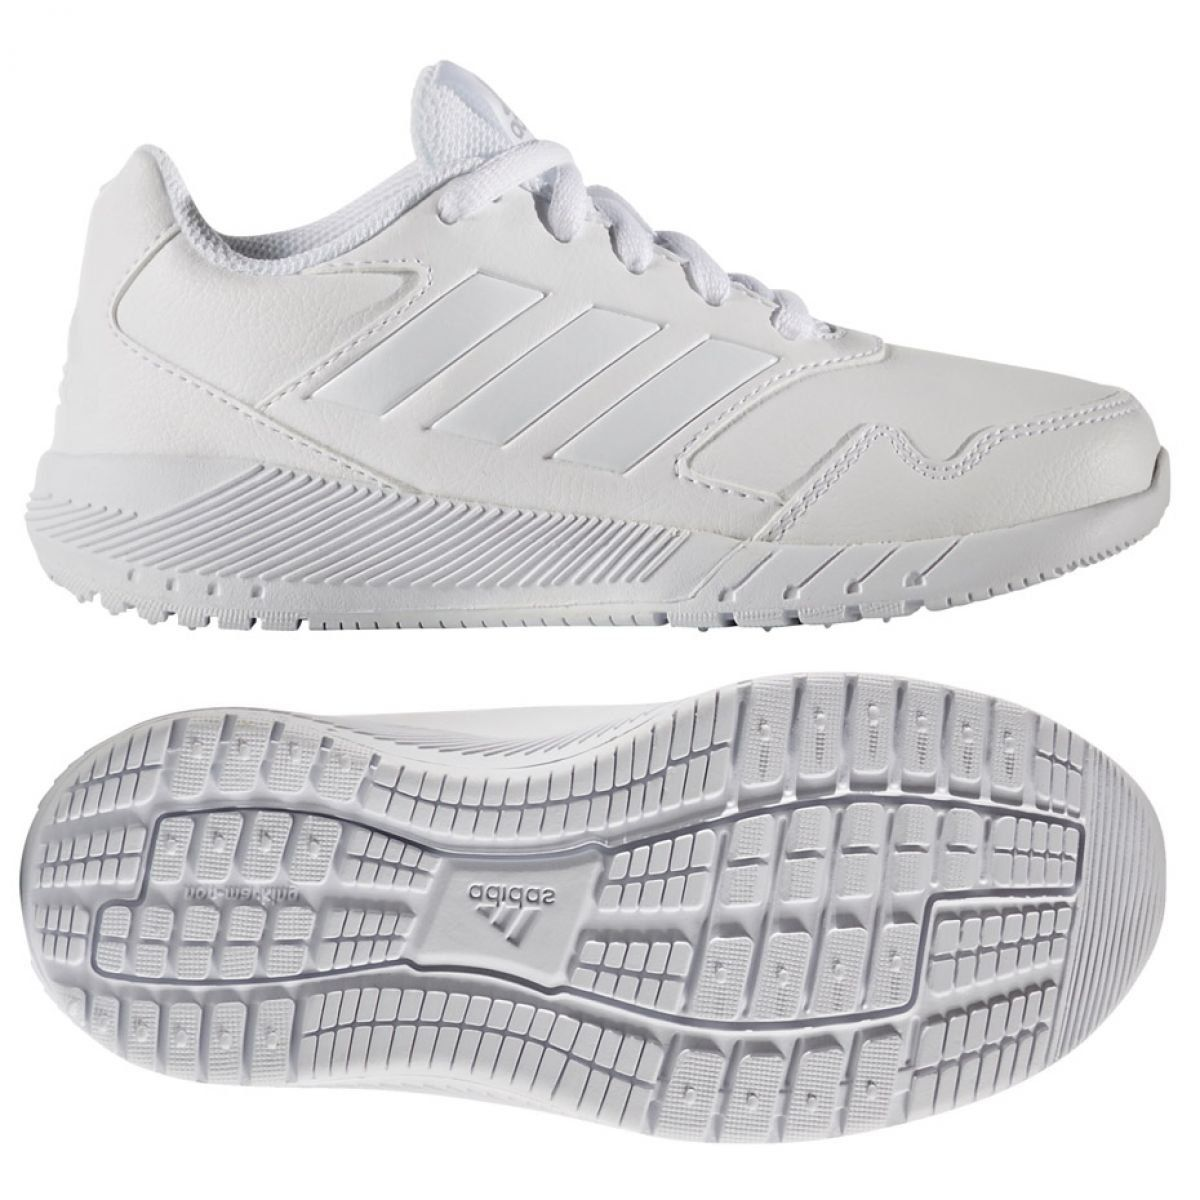 Buty Sportowe Dzieciece Dla Dzieci Adidas Buty Adidas Alta Run K Ba9428 Biale Adidas Adidas Sneakers Sneakers